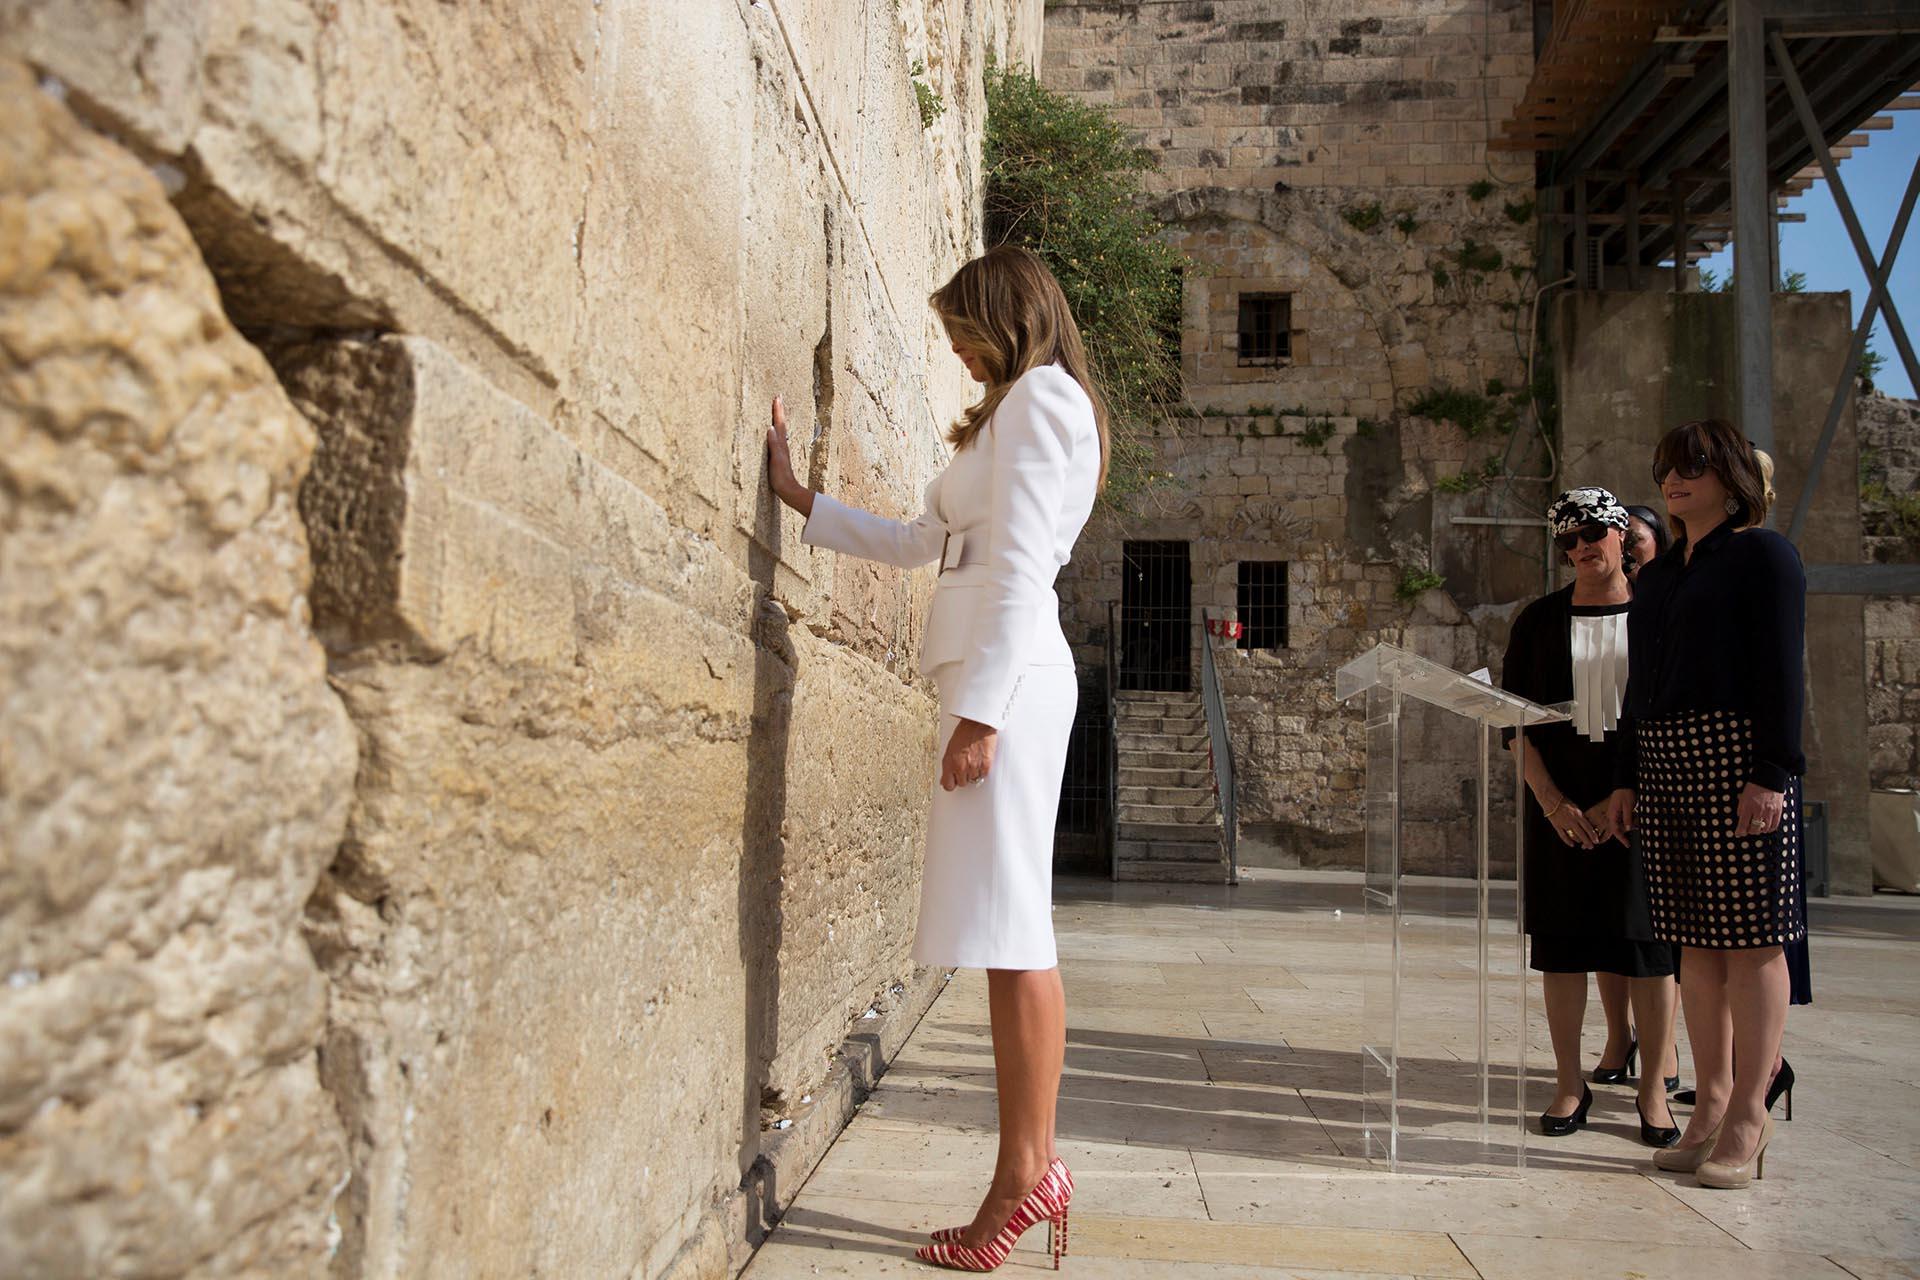 Haciendo honor al power dressing la primera dama suele lucir conjuntos básicos y elegantes -saco y falda pencil, como este que llevó a la gira por Israel de la marca Michael Kors, que completó con tacos altos en tono rojo y blanco.